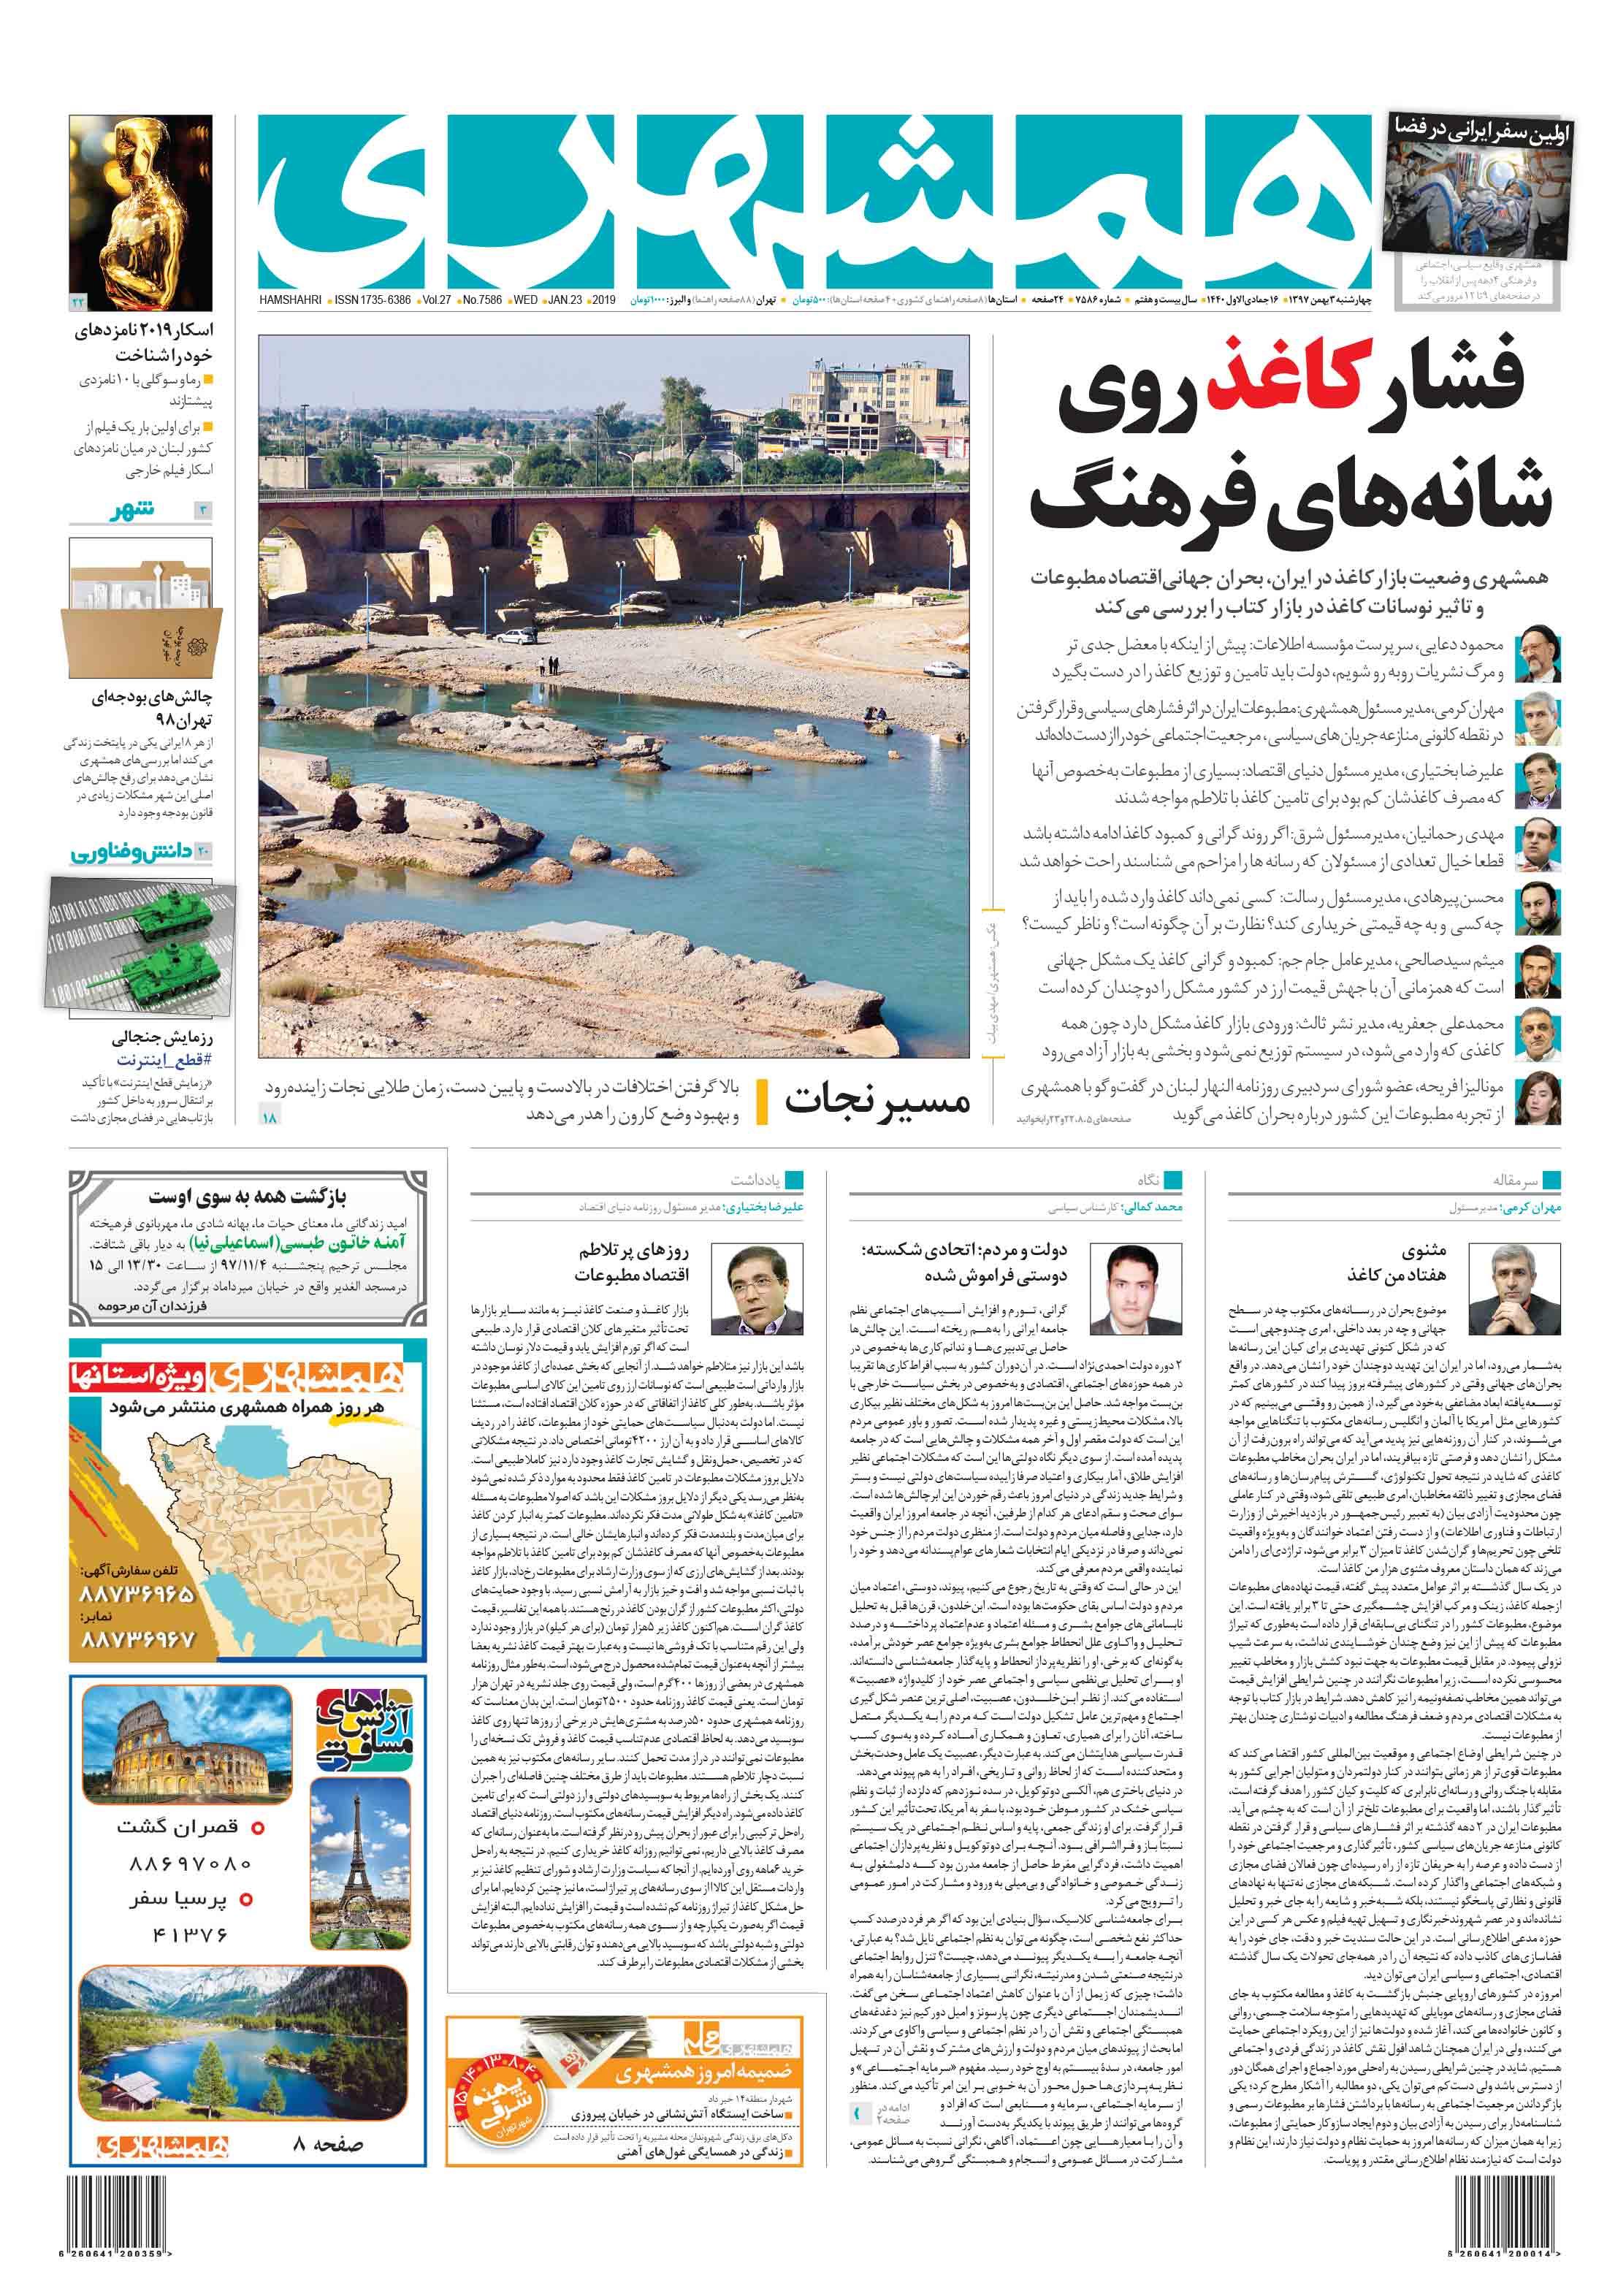 صفحه اول چهارشنبه 3 بهمن 1397